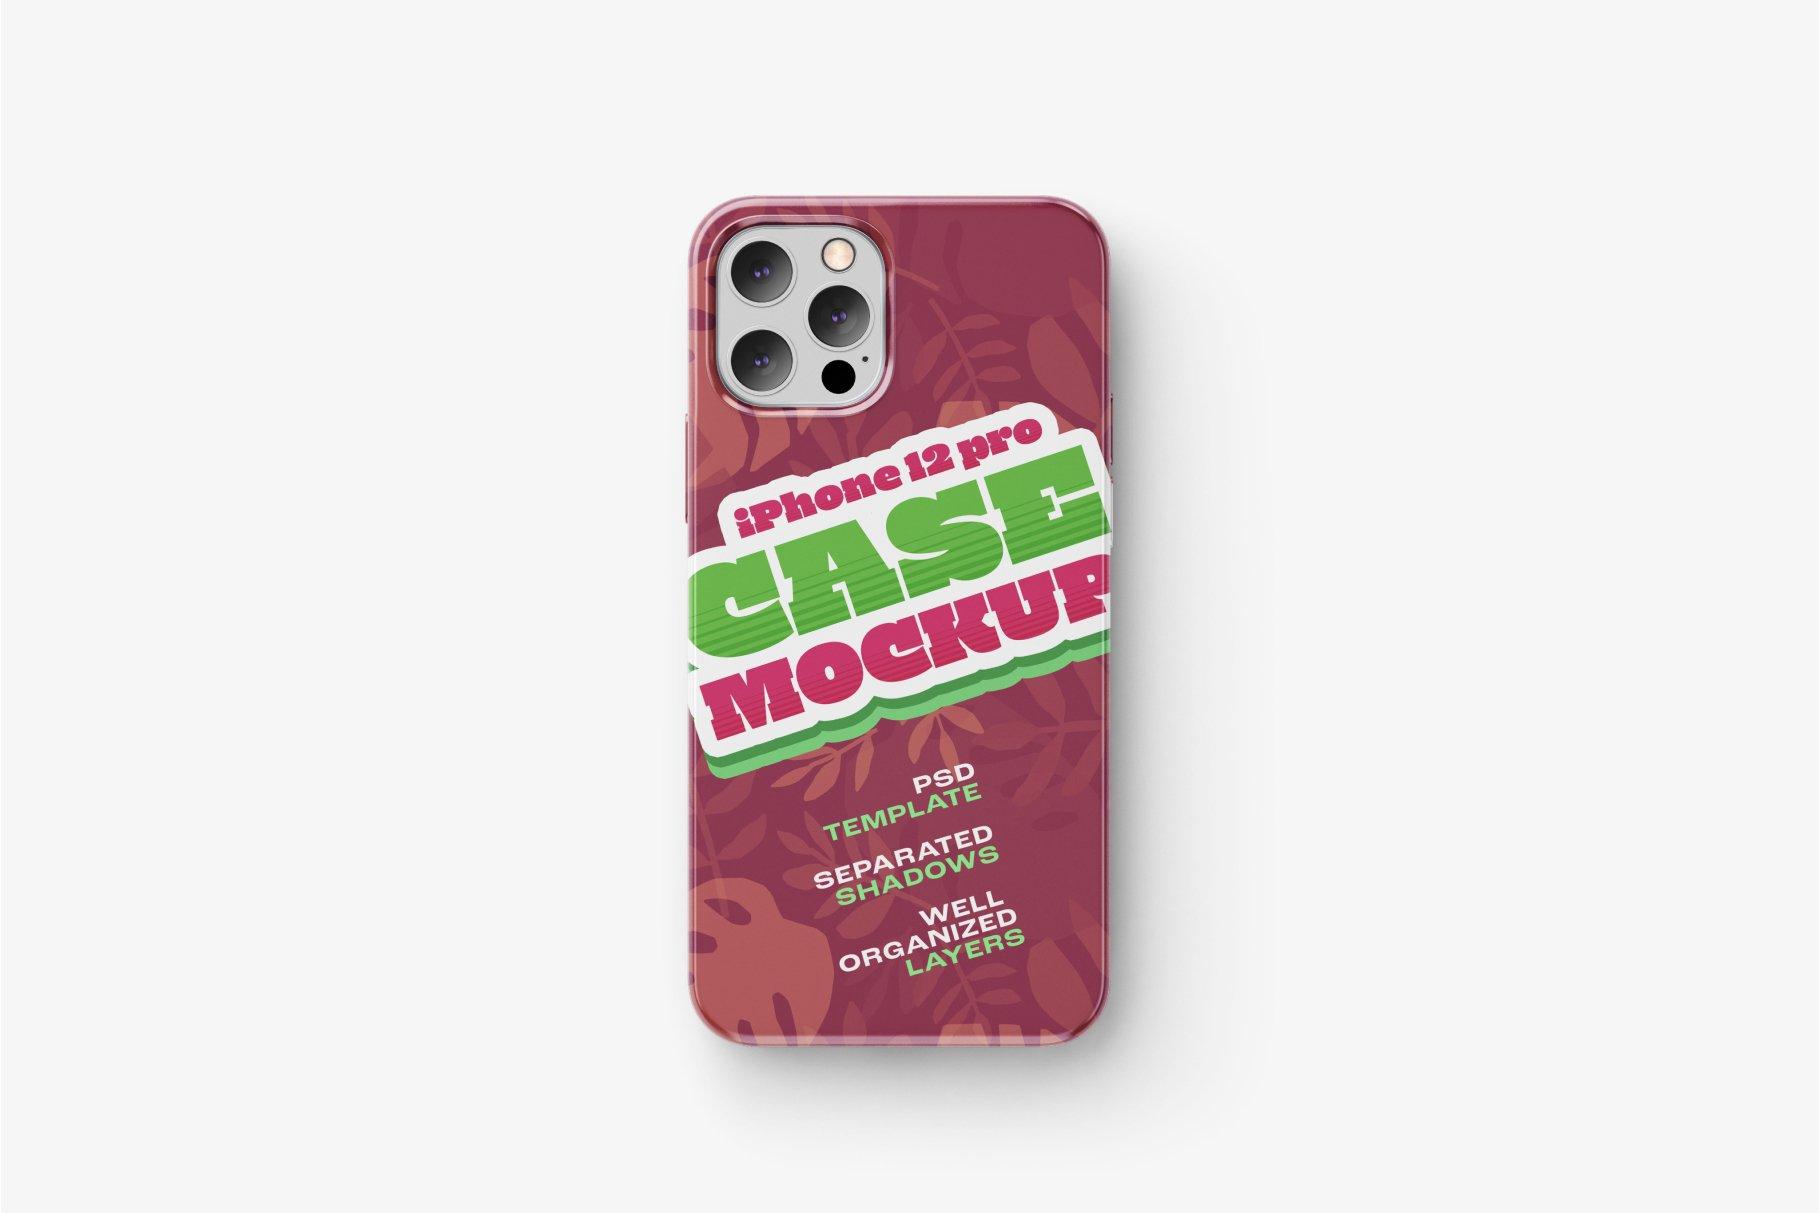 14款iPhone 12 Pro手机壳外观设计展示样机合集 iPhone 12 Pro Case Mockup Set插图12